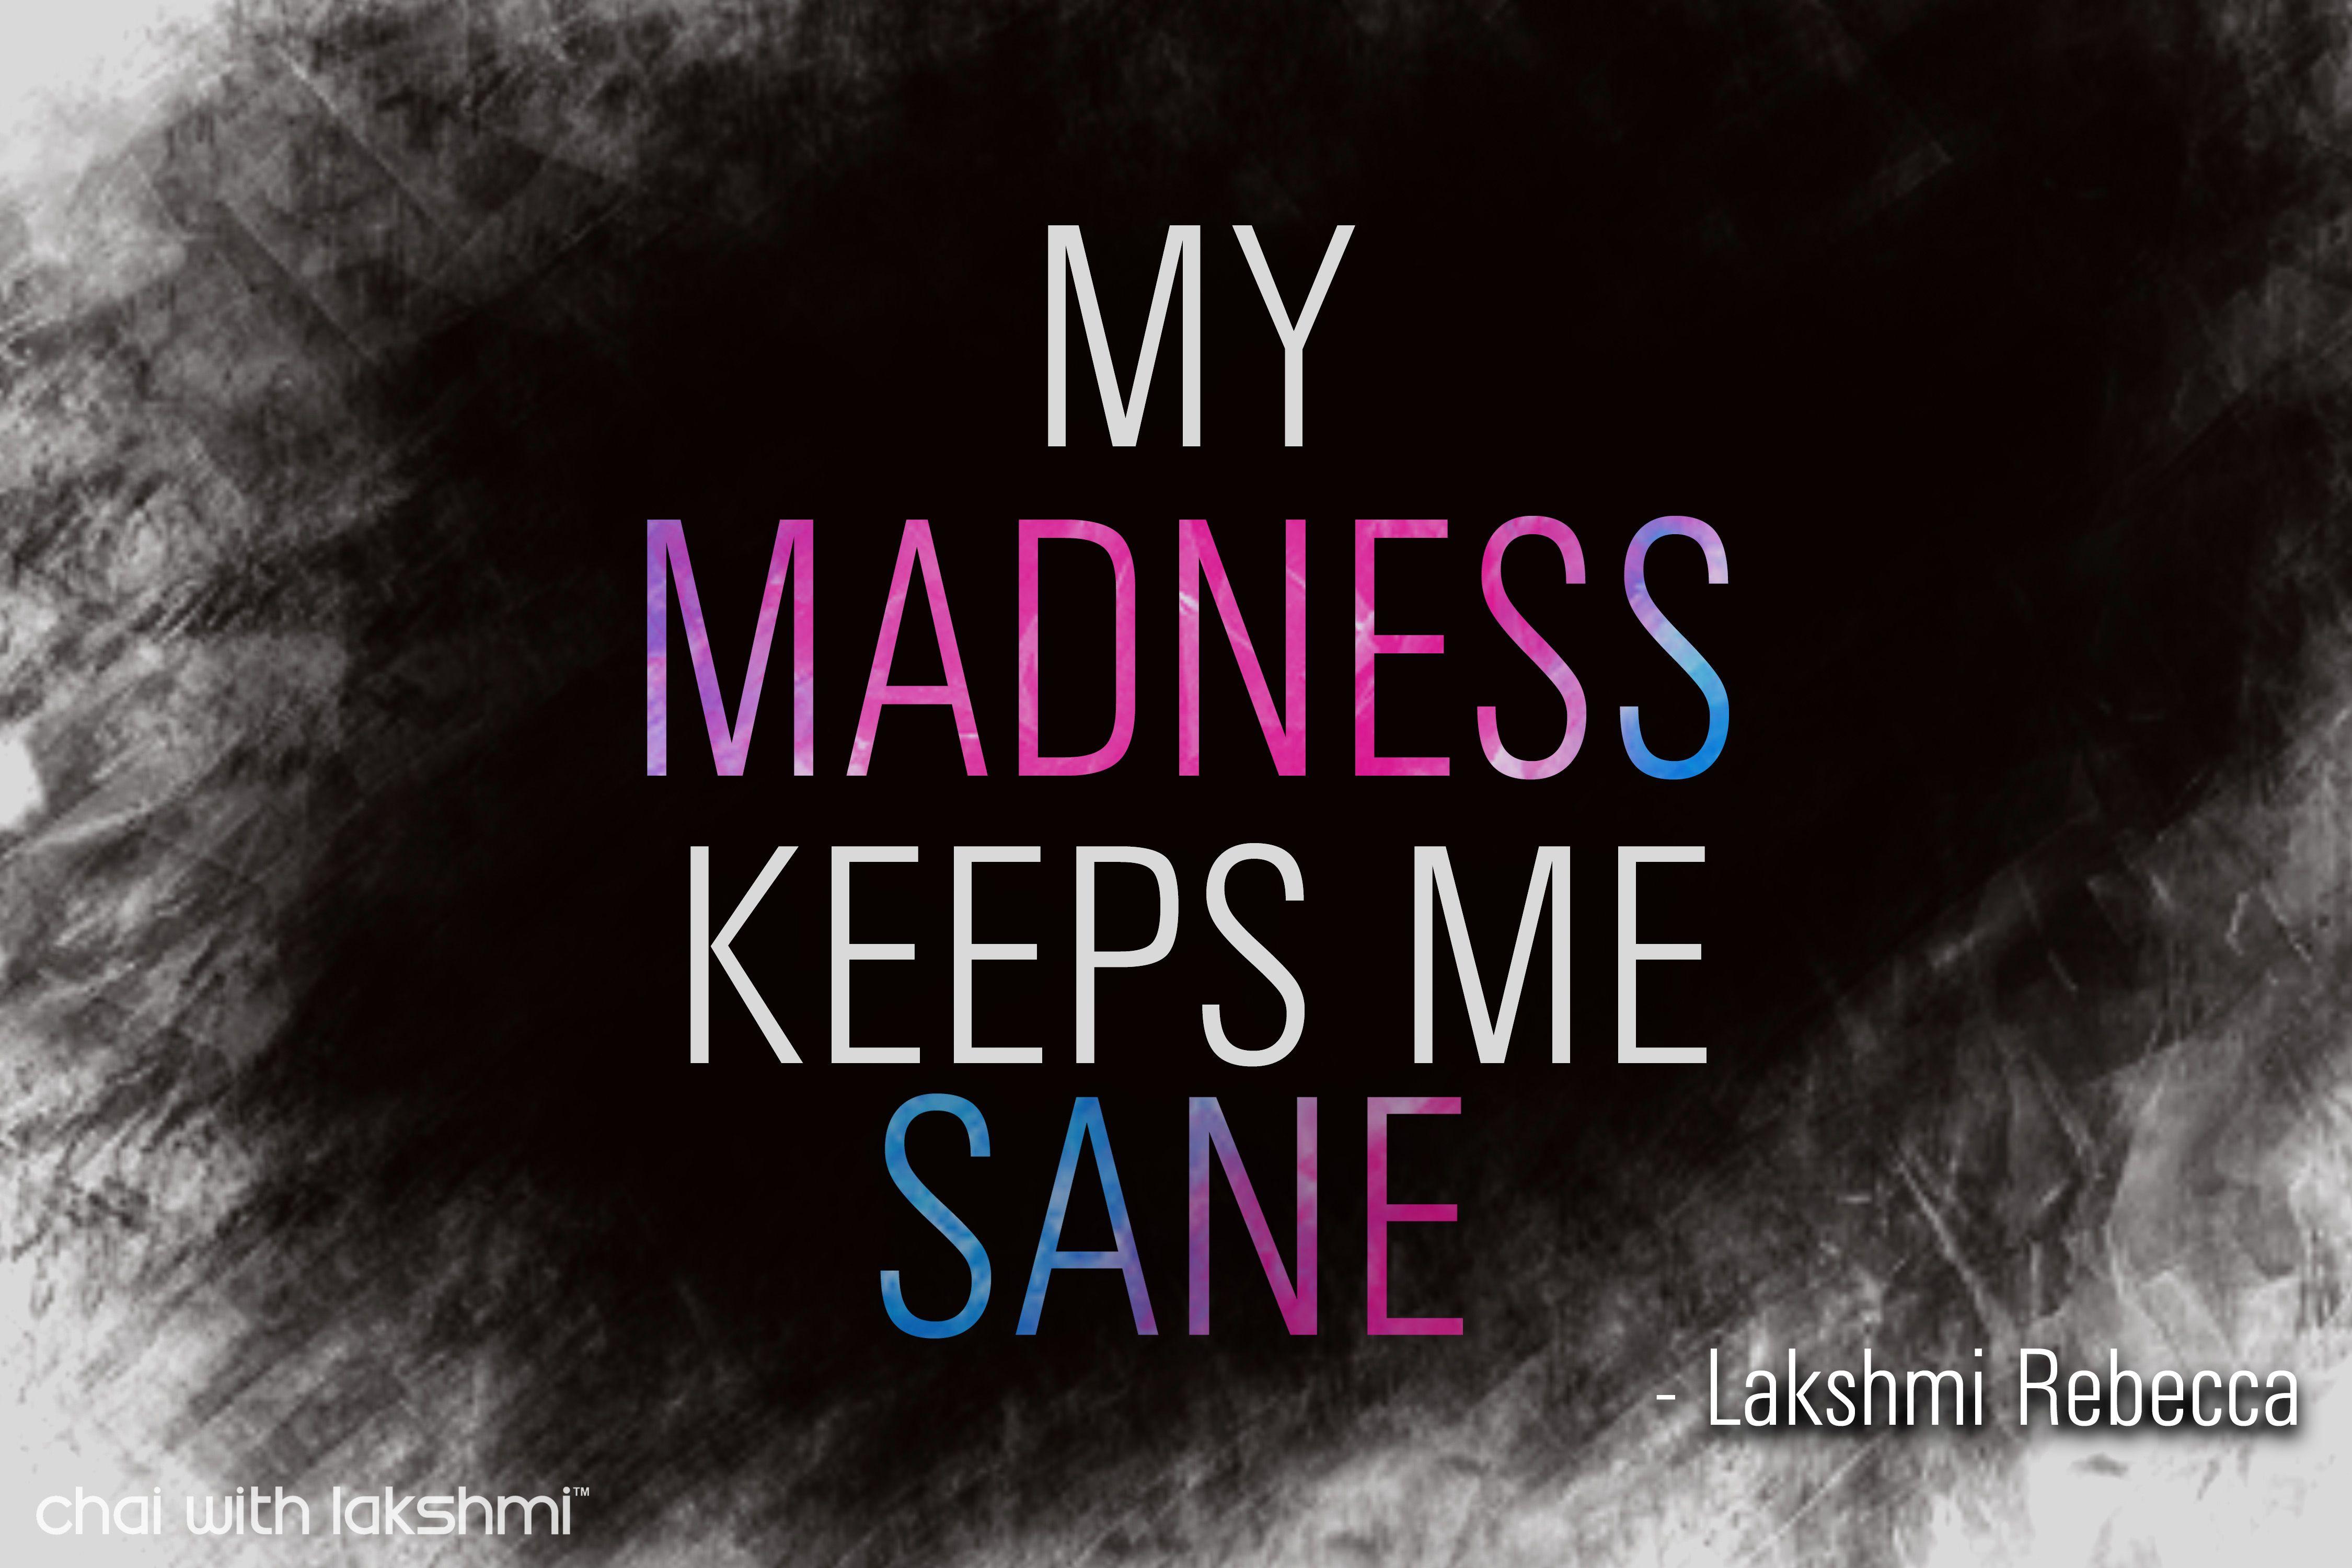 essay of hamlet madness